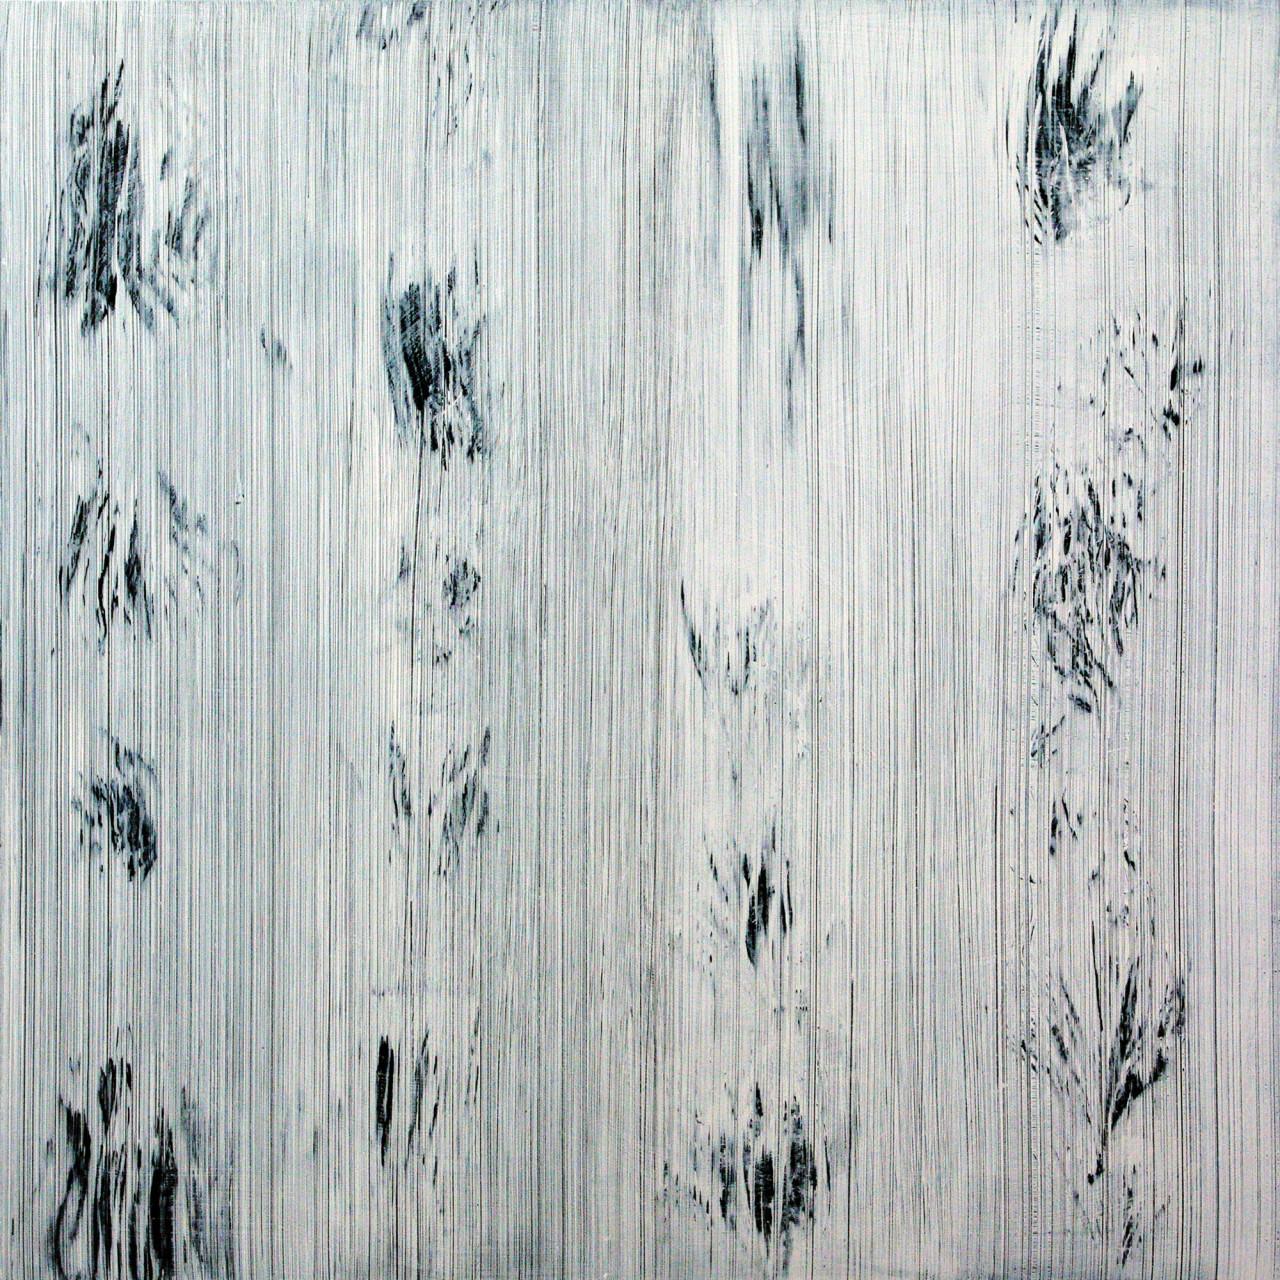 595, 2015 olio su alu-dibond 100x100 cm